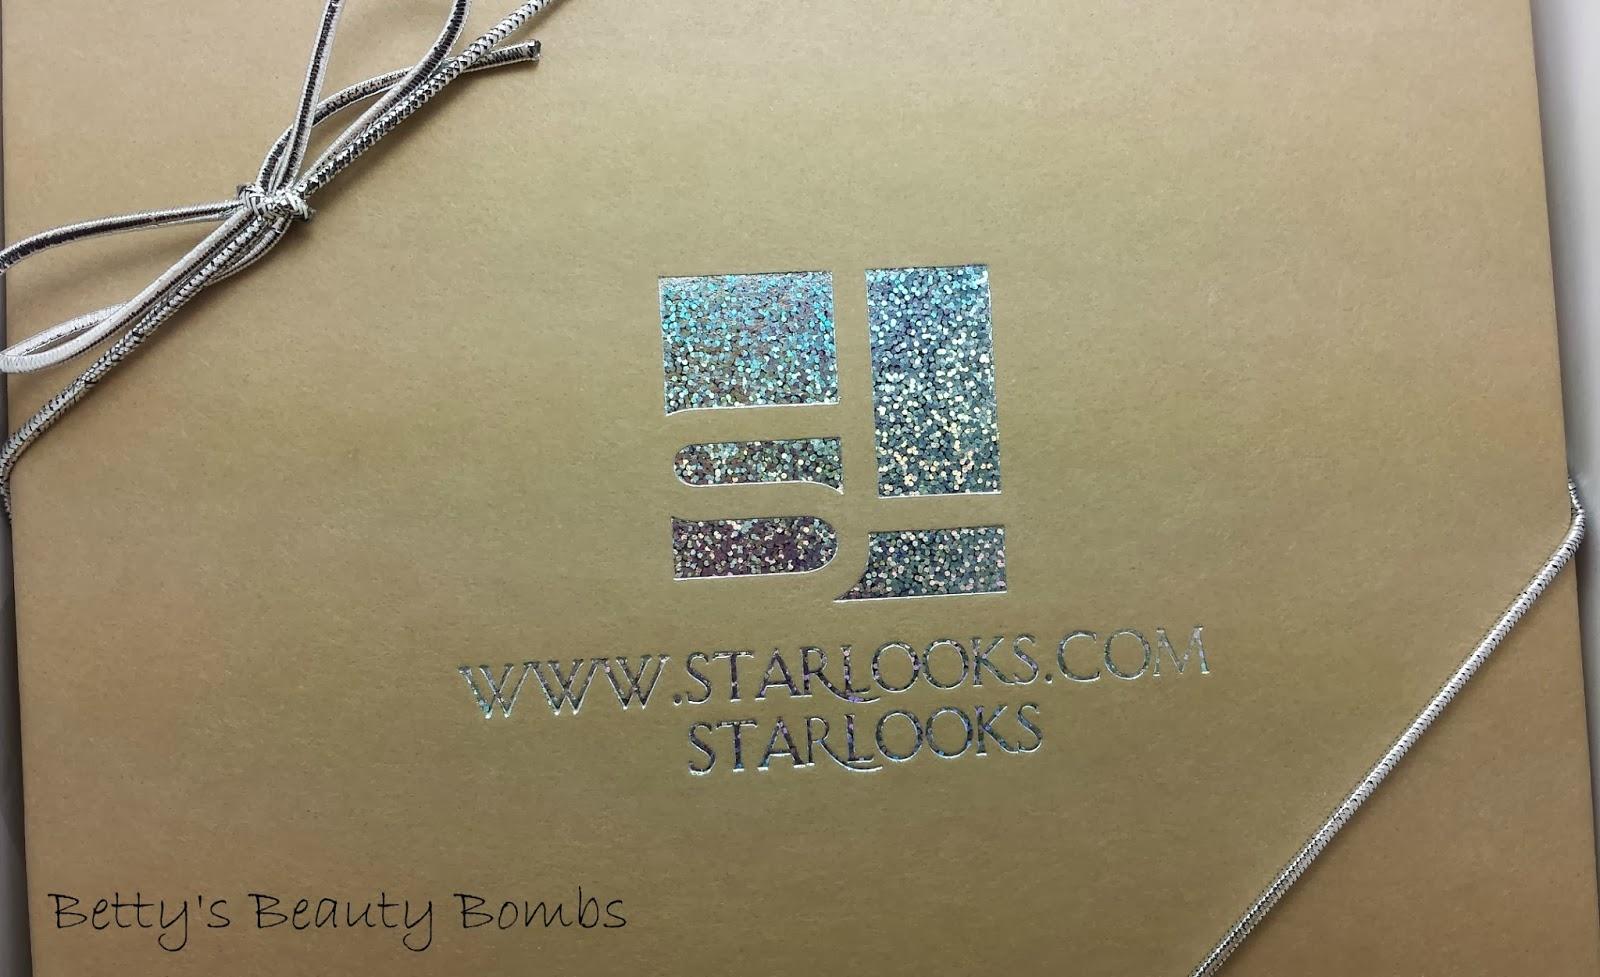 Starlooks Starbox February 2014